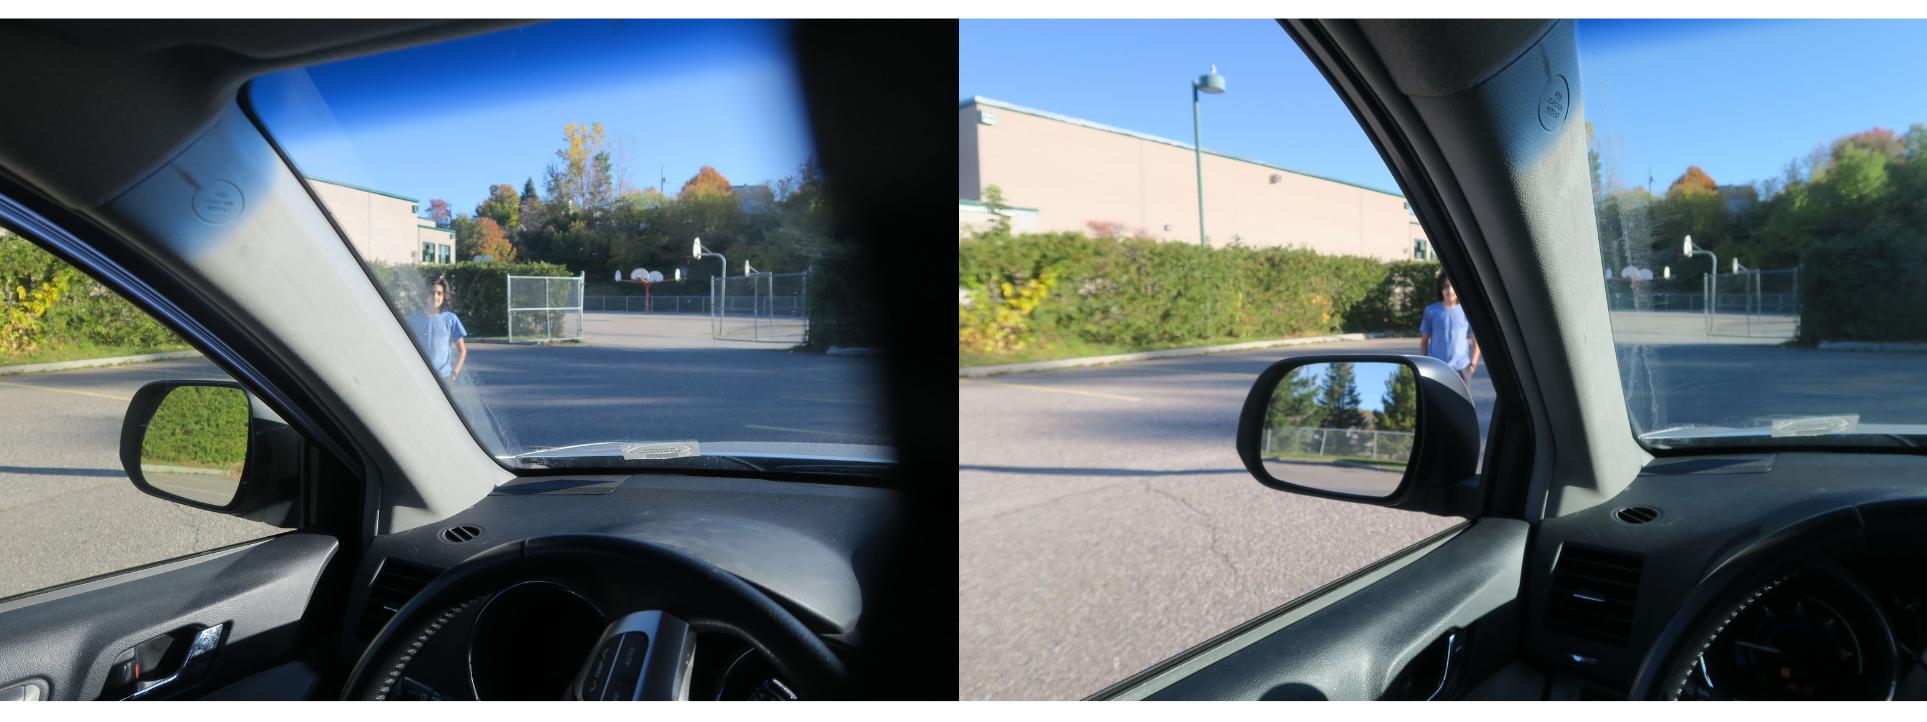 Bien s'assurer que la voie est libre avant de faire une manœuvre ou de démarrer son véhicule. Dans son véhicule, se décaler de quelques centimètres suffit !